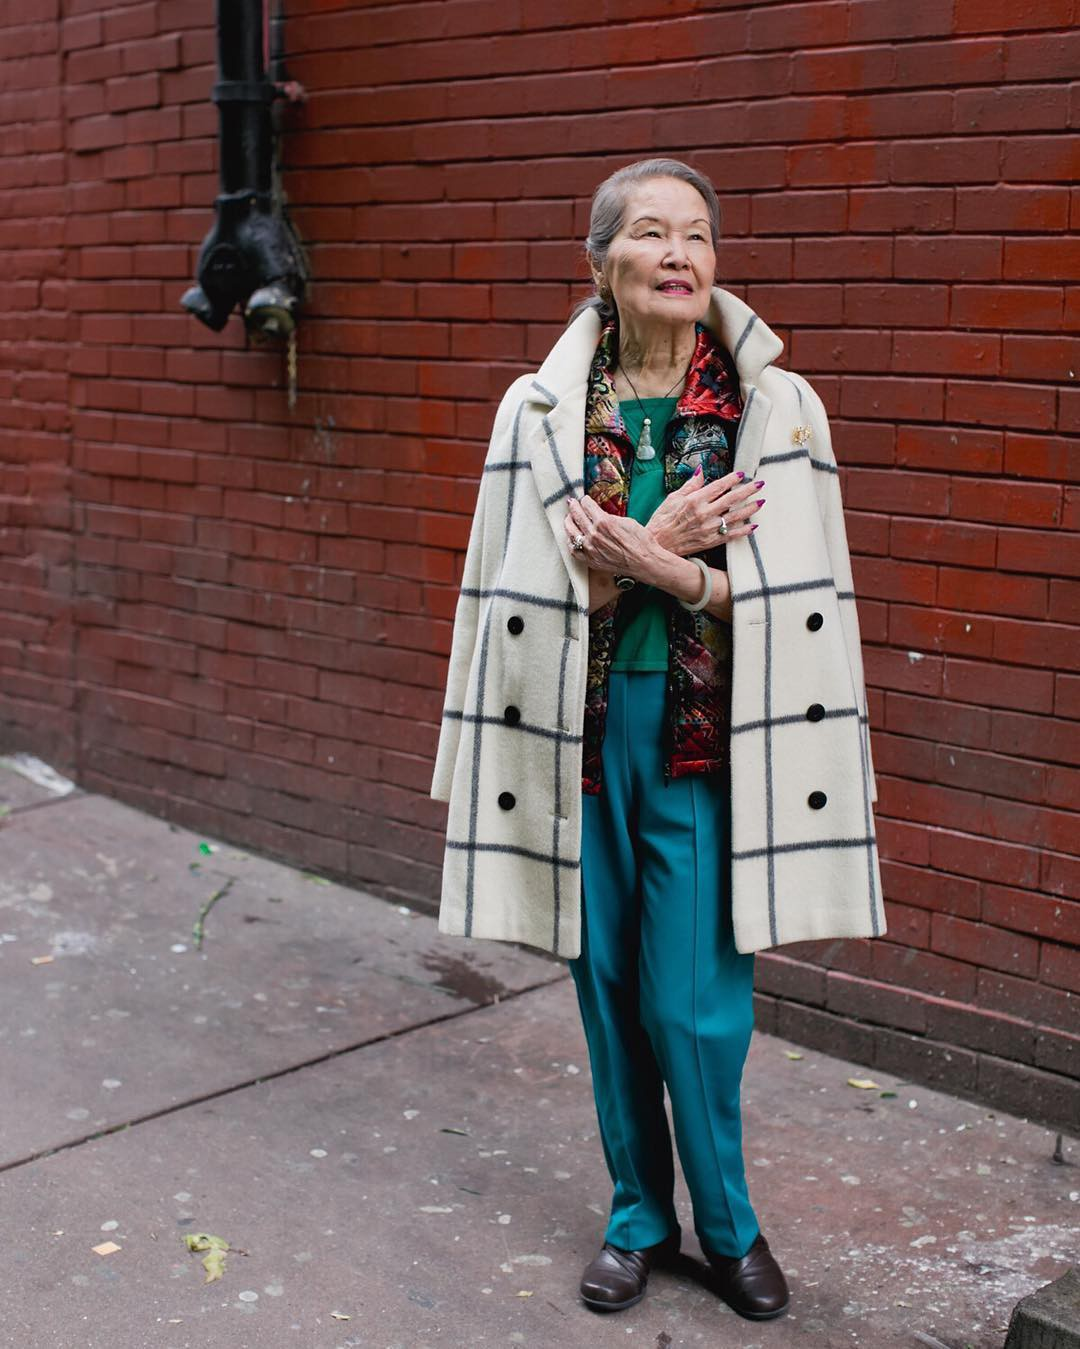 Không đăng hình giới trẻ, tài khoản Instagram này lại tôn vinh street style đi chợ của các cụ già và được hưởng ứng vô cùng - Ảnh 8.